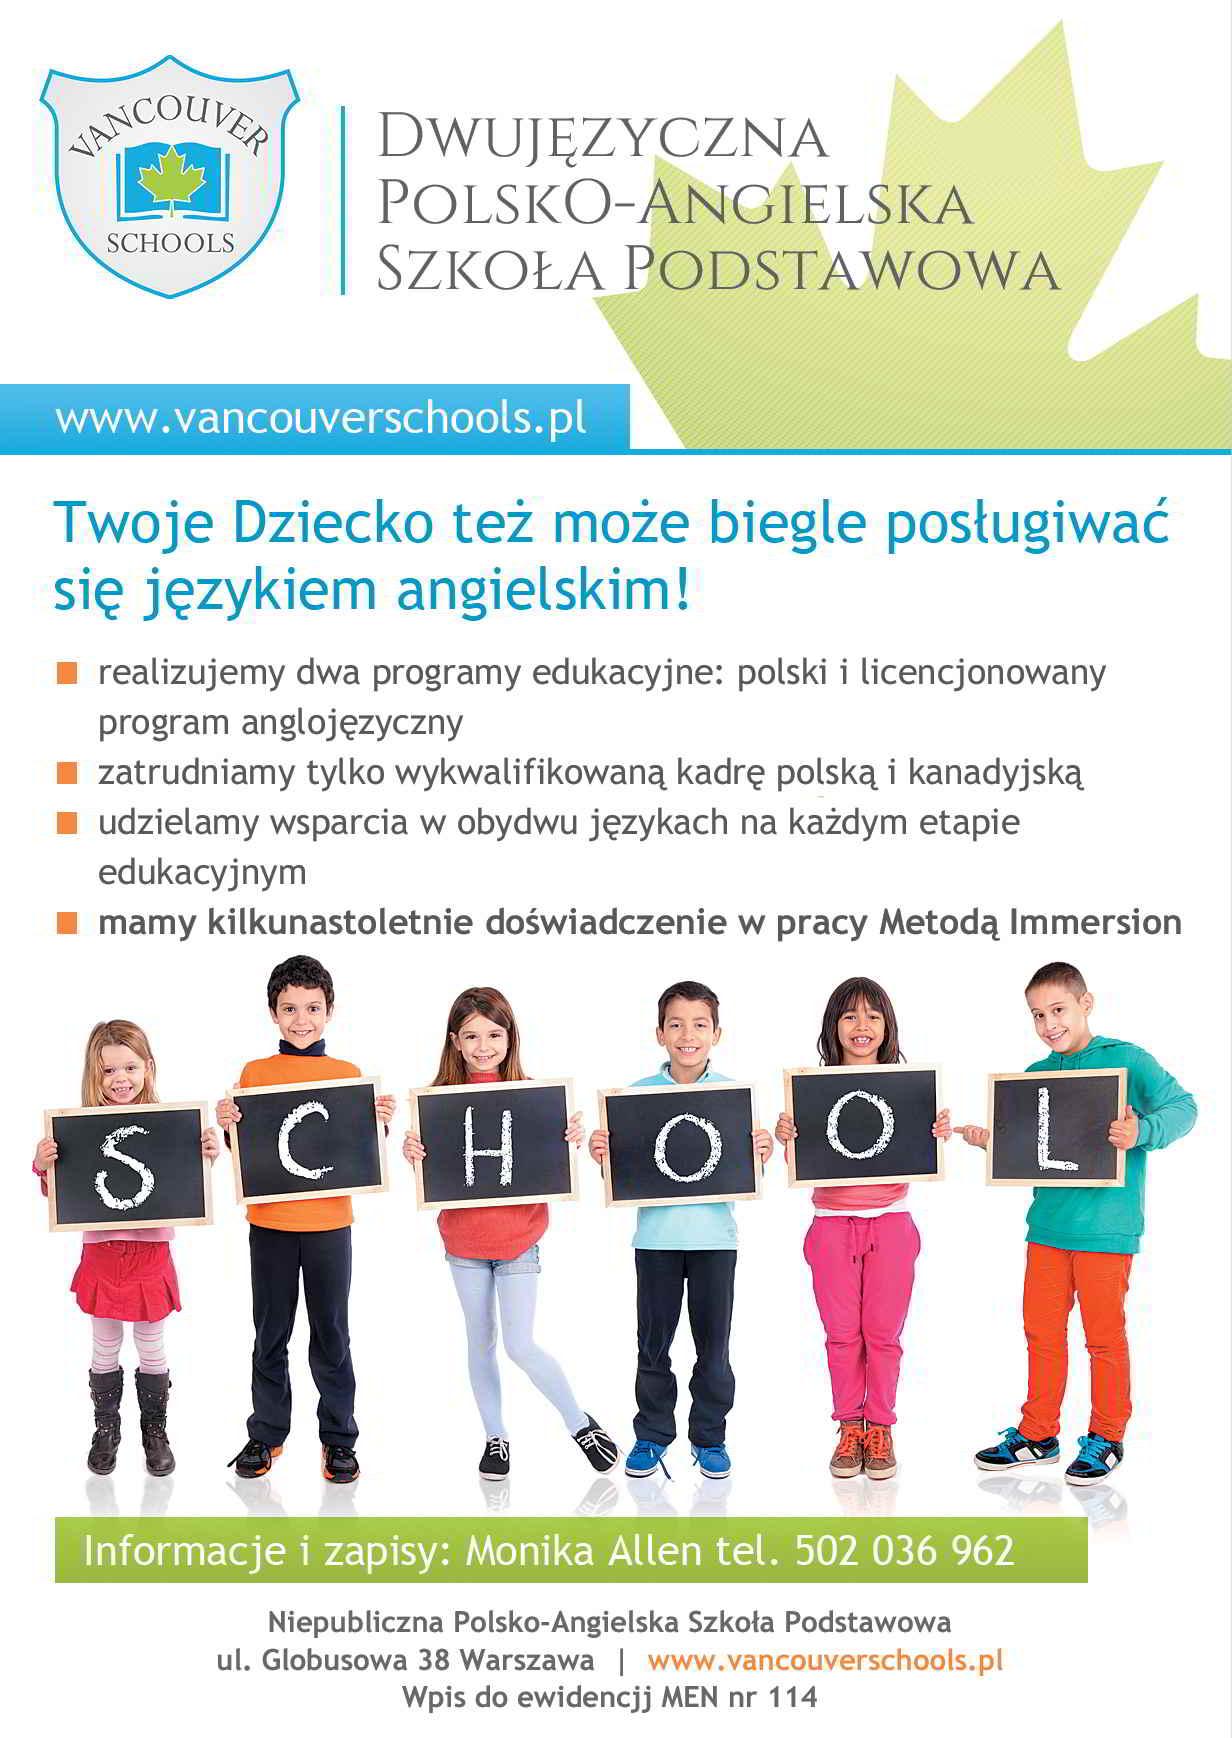 szkoła dwujęzyczna